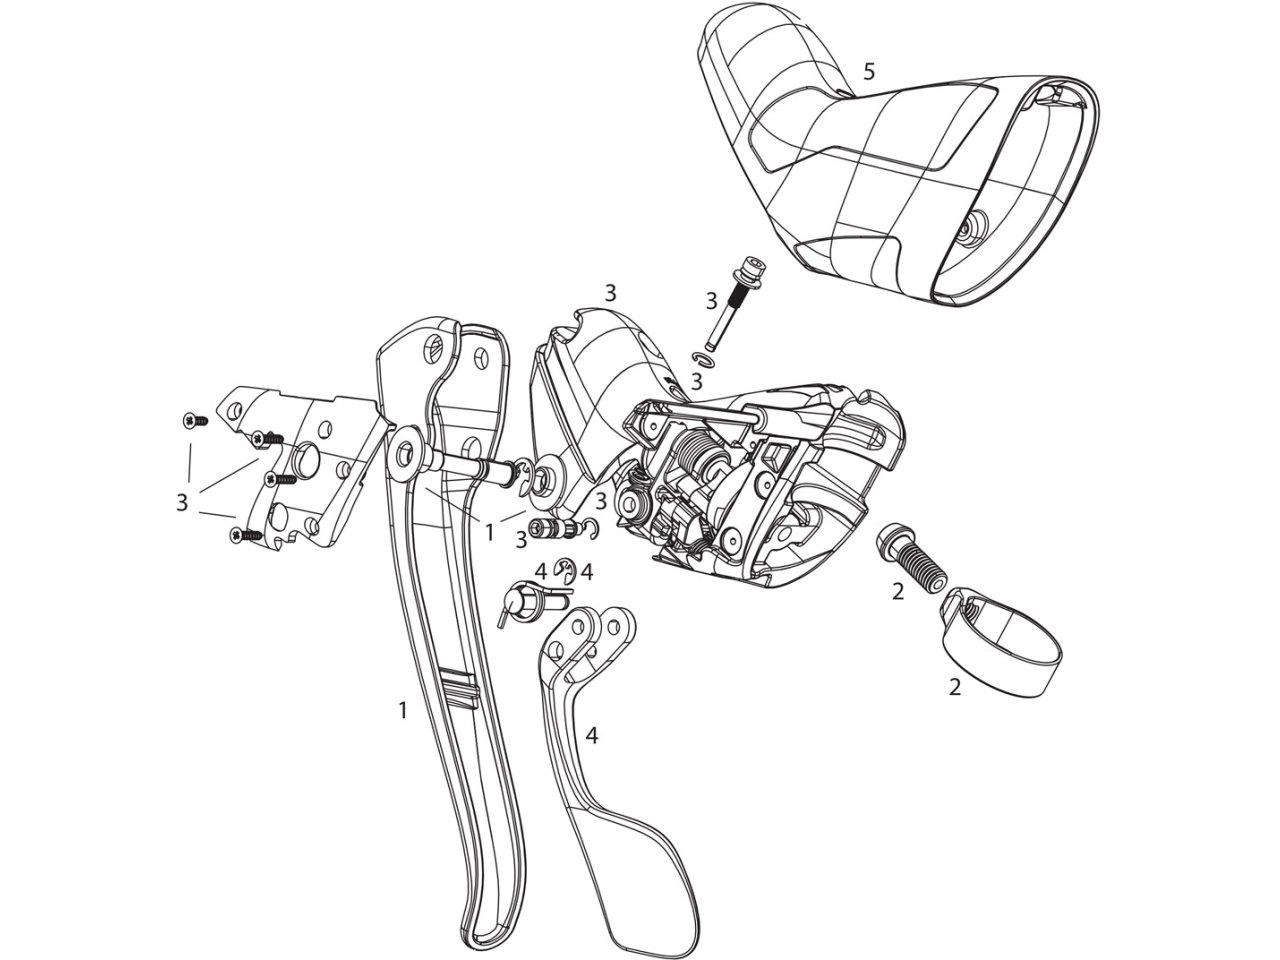 SRAM Red 22 Mechanical Brake//Shift Lever Assembly Left B2